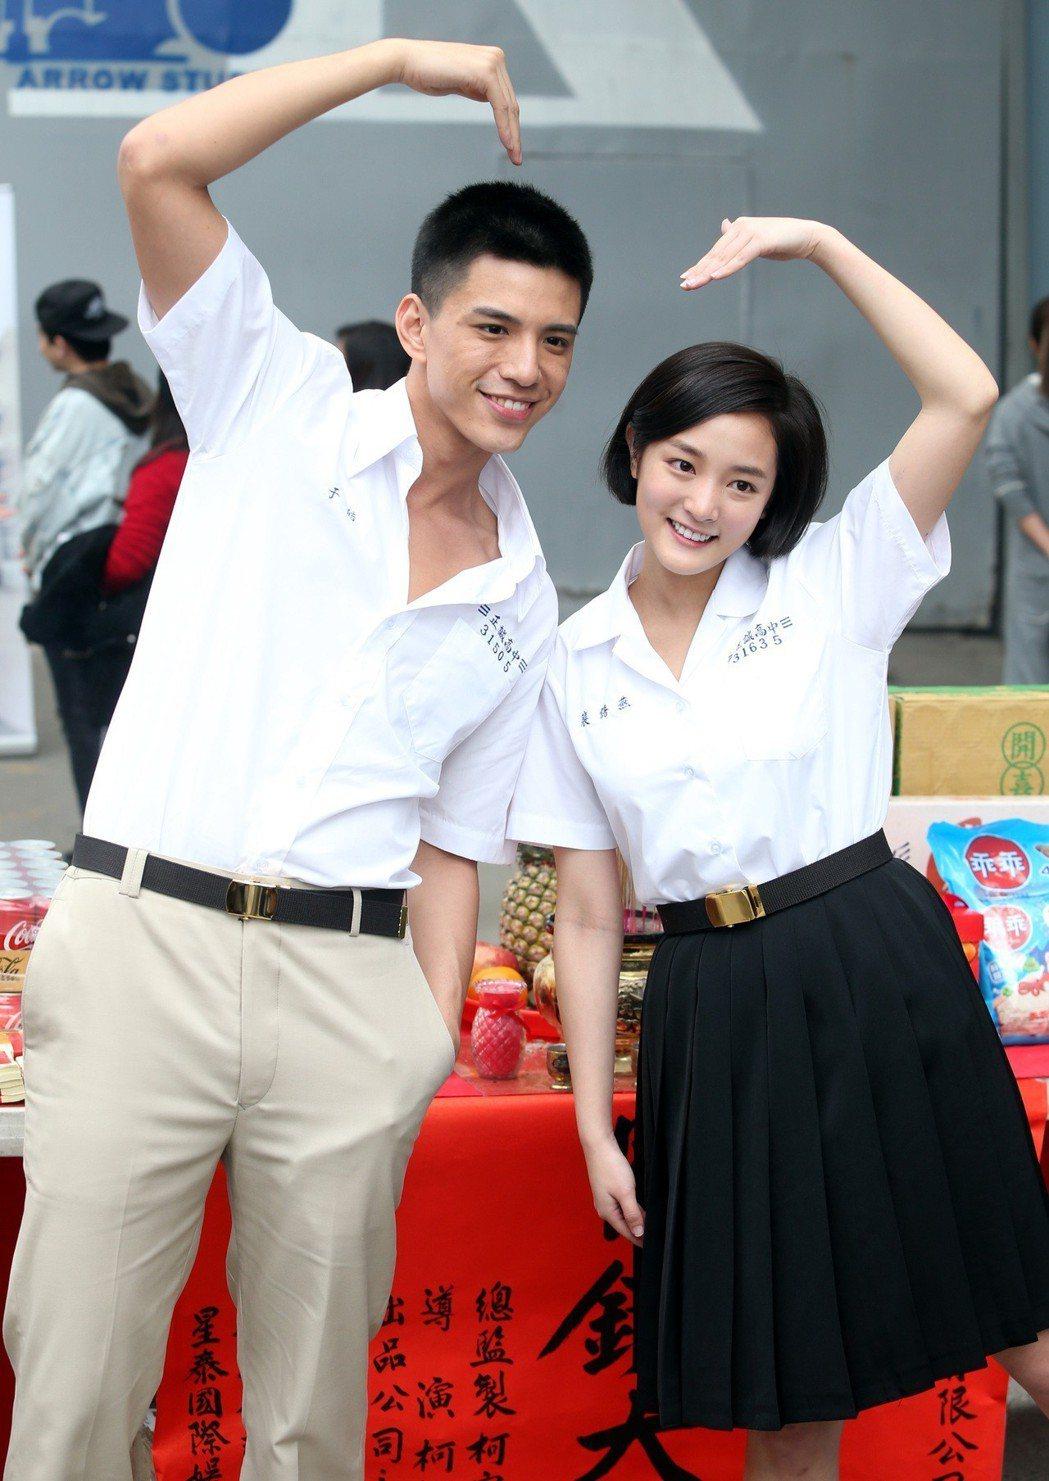 林柏叡(左)及王淨(右)一同演出電影版「鬥魚」。記者侯永全/攝影